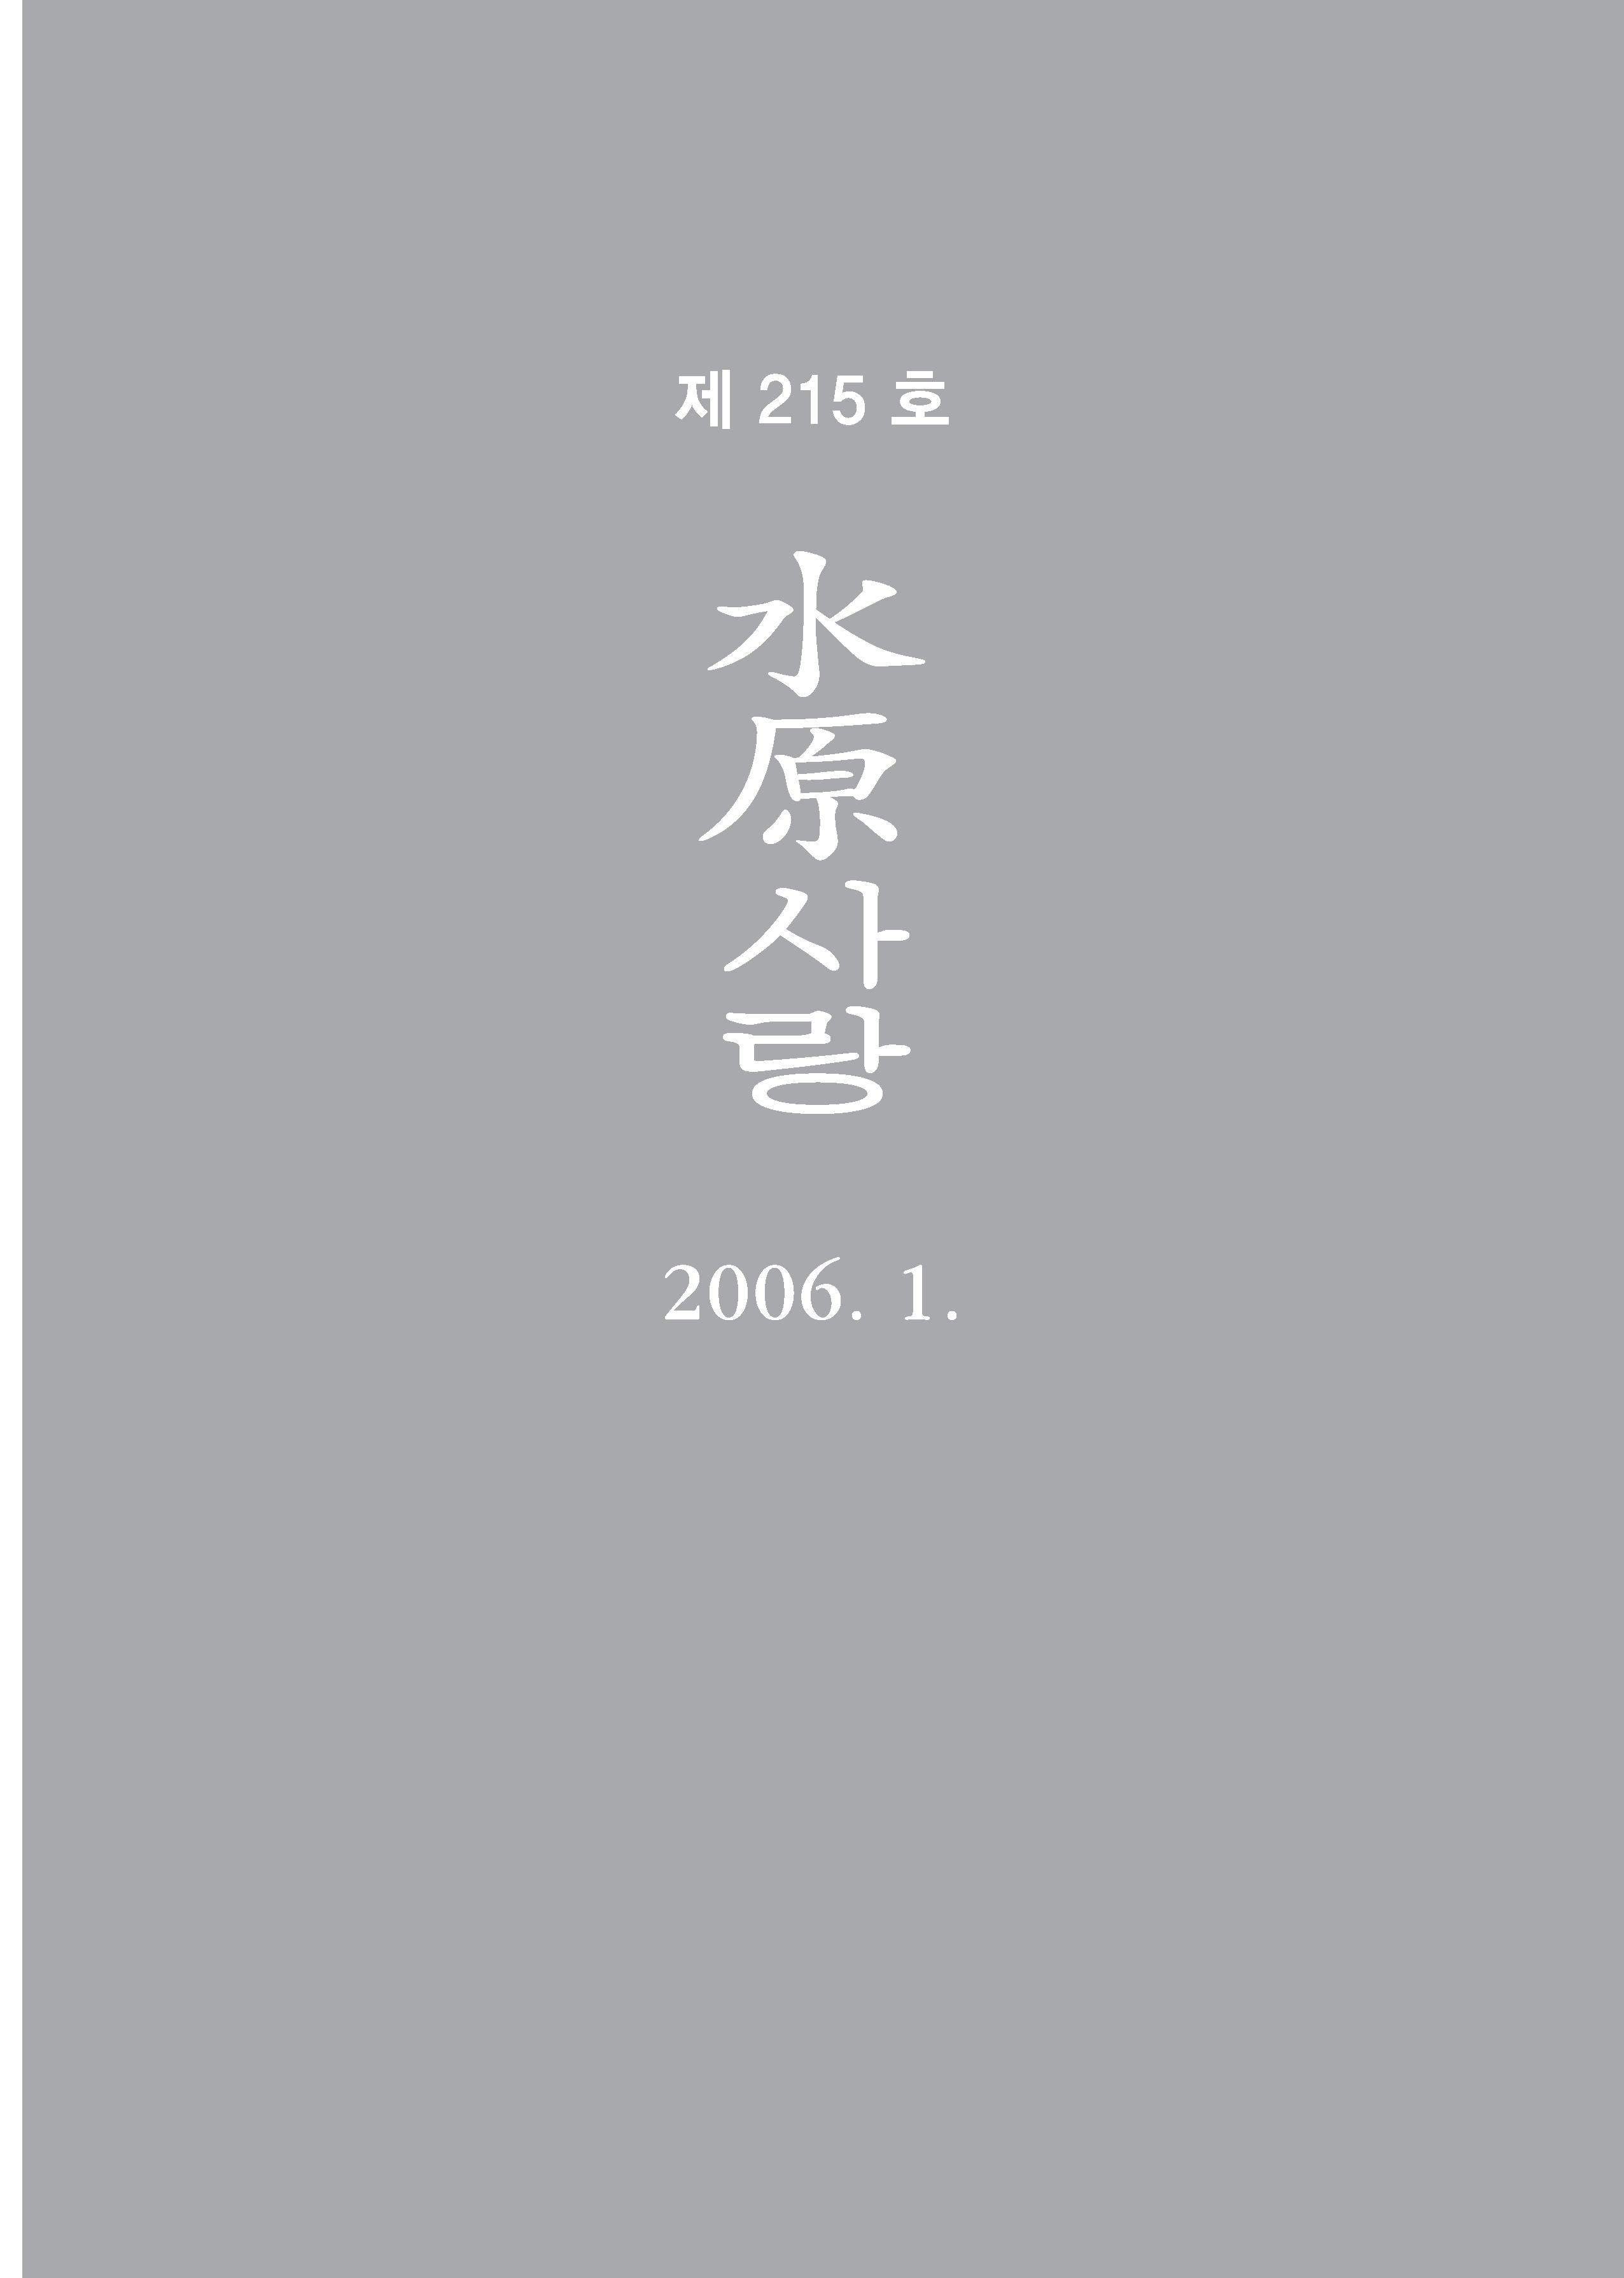 수원사랑 215호